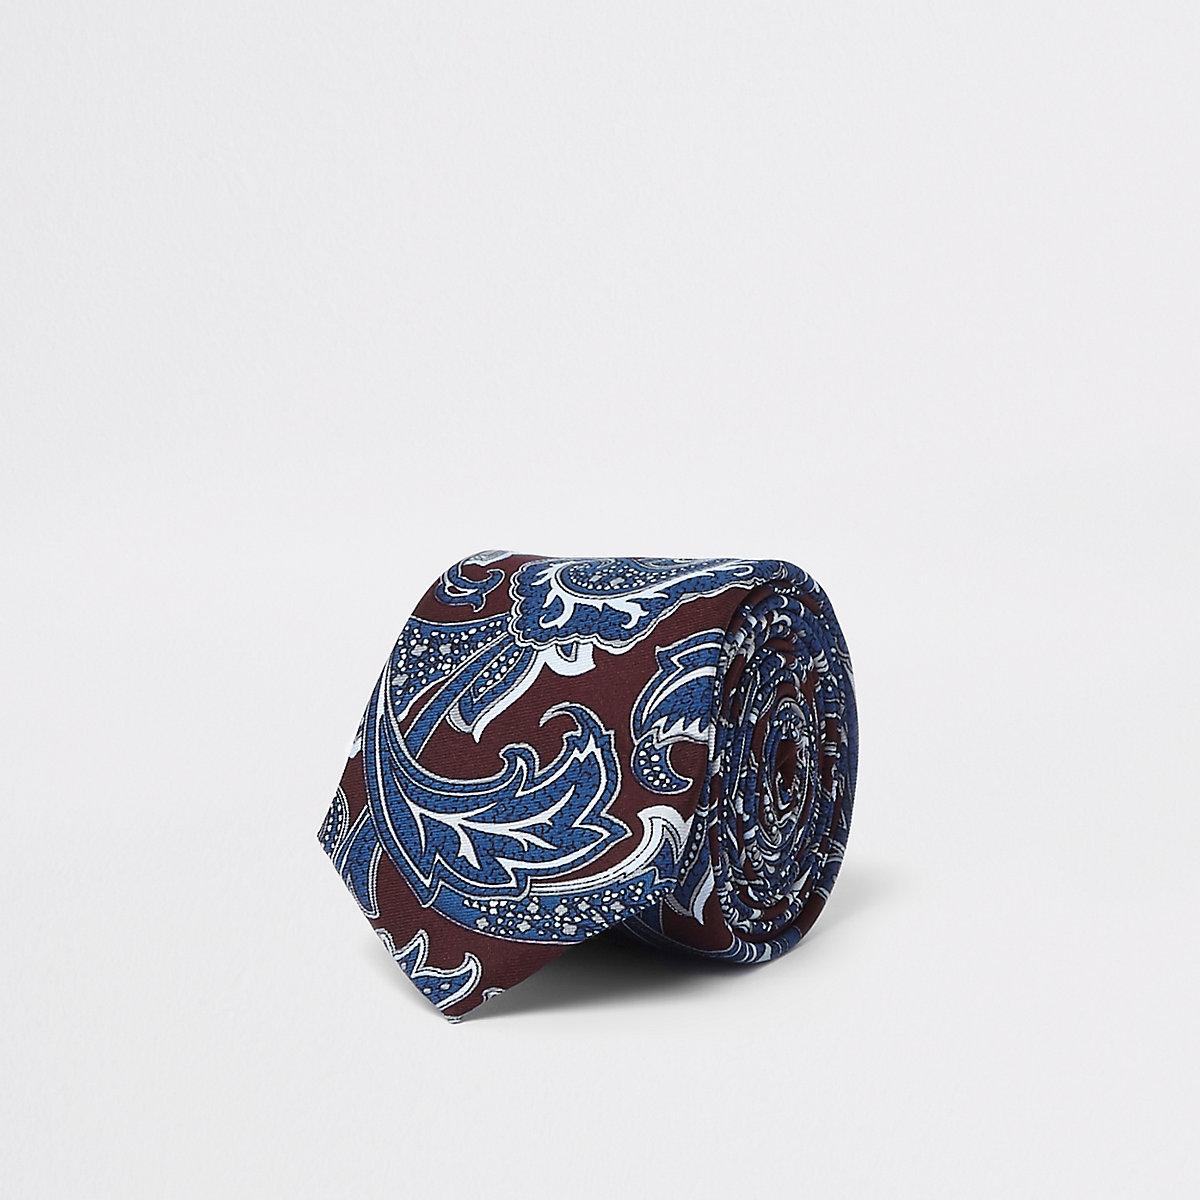 Cravate à imprimé cachemire bordeaux et bleu marine